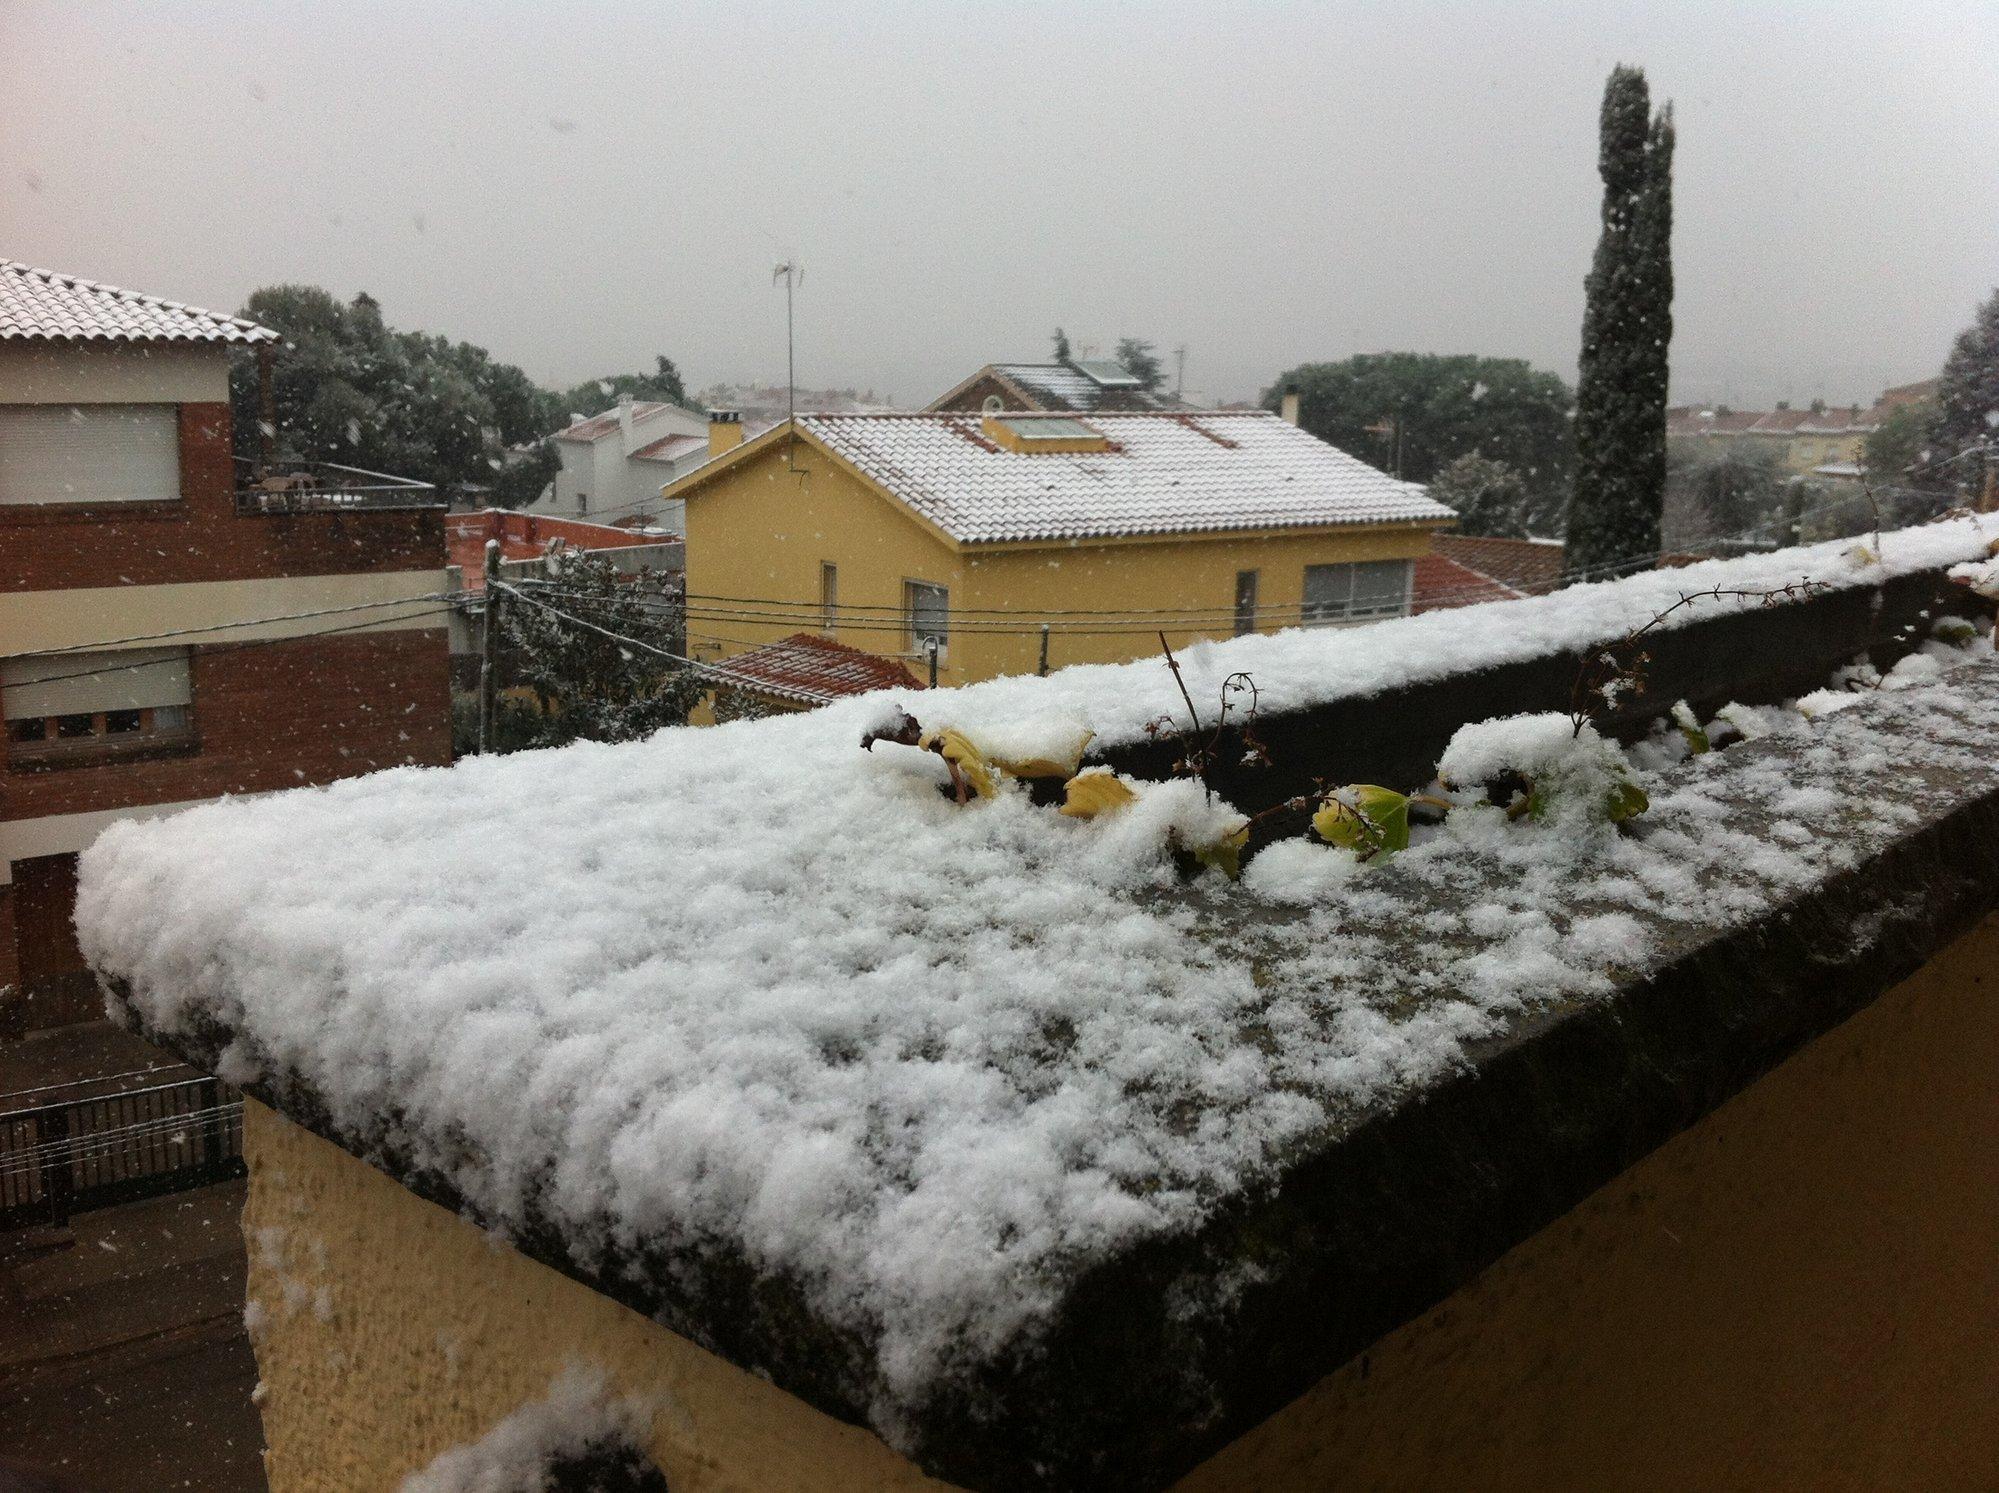 Euskalmet anuncia la llegada de frío y precipitaciones abundantes que serán de nieve en las zonas altas